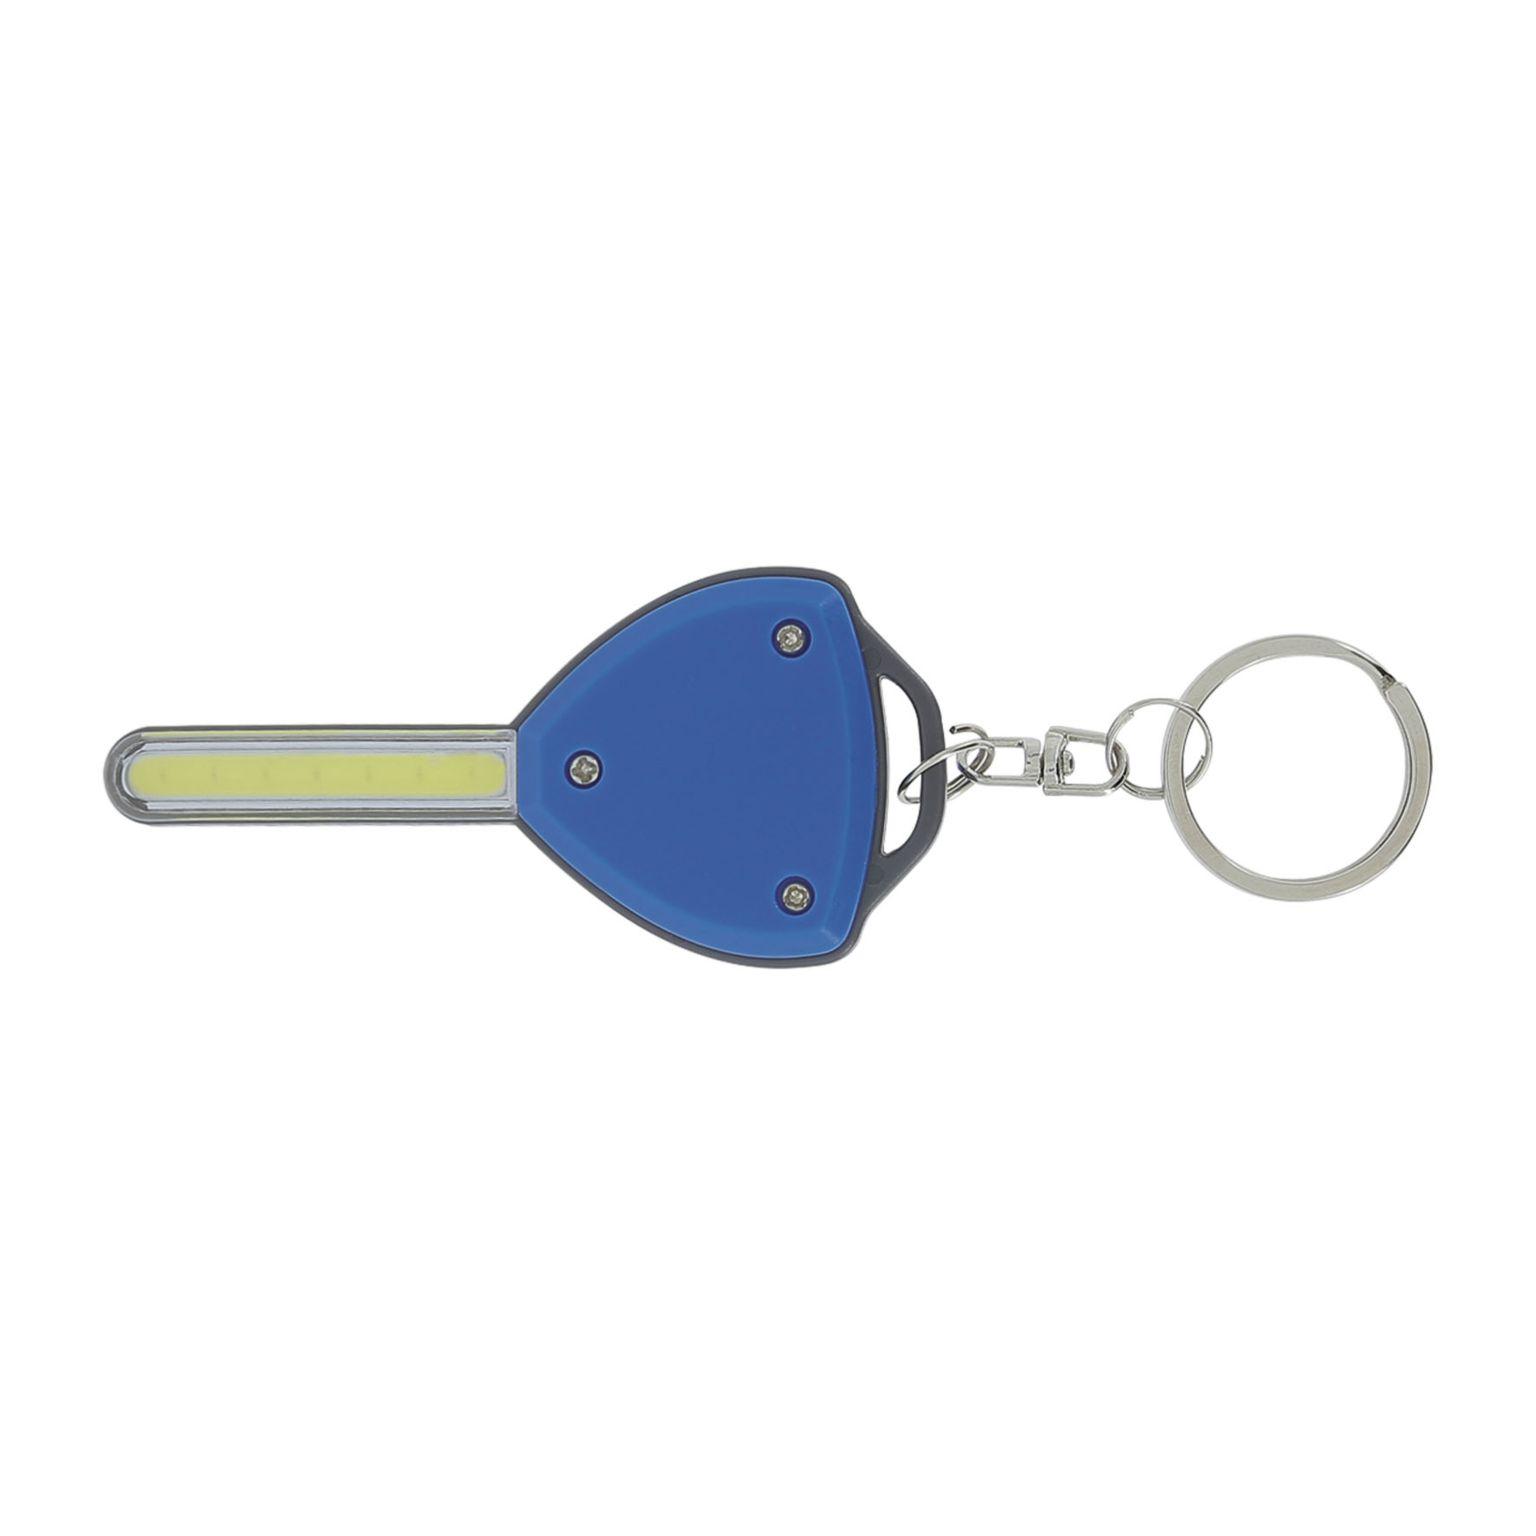 Porte-clés torche forme clé